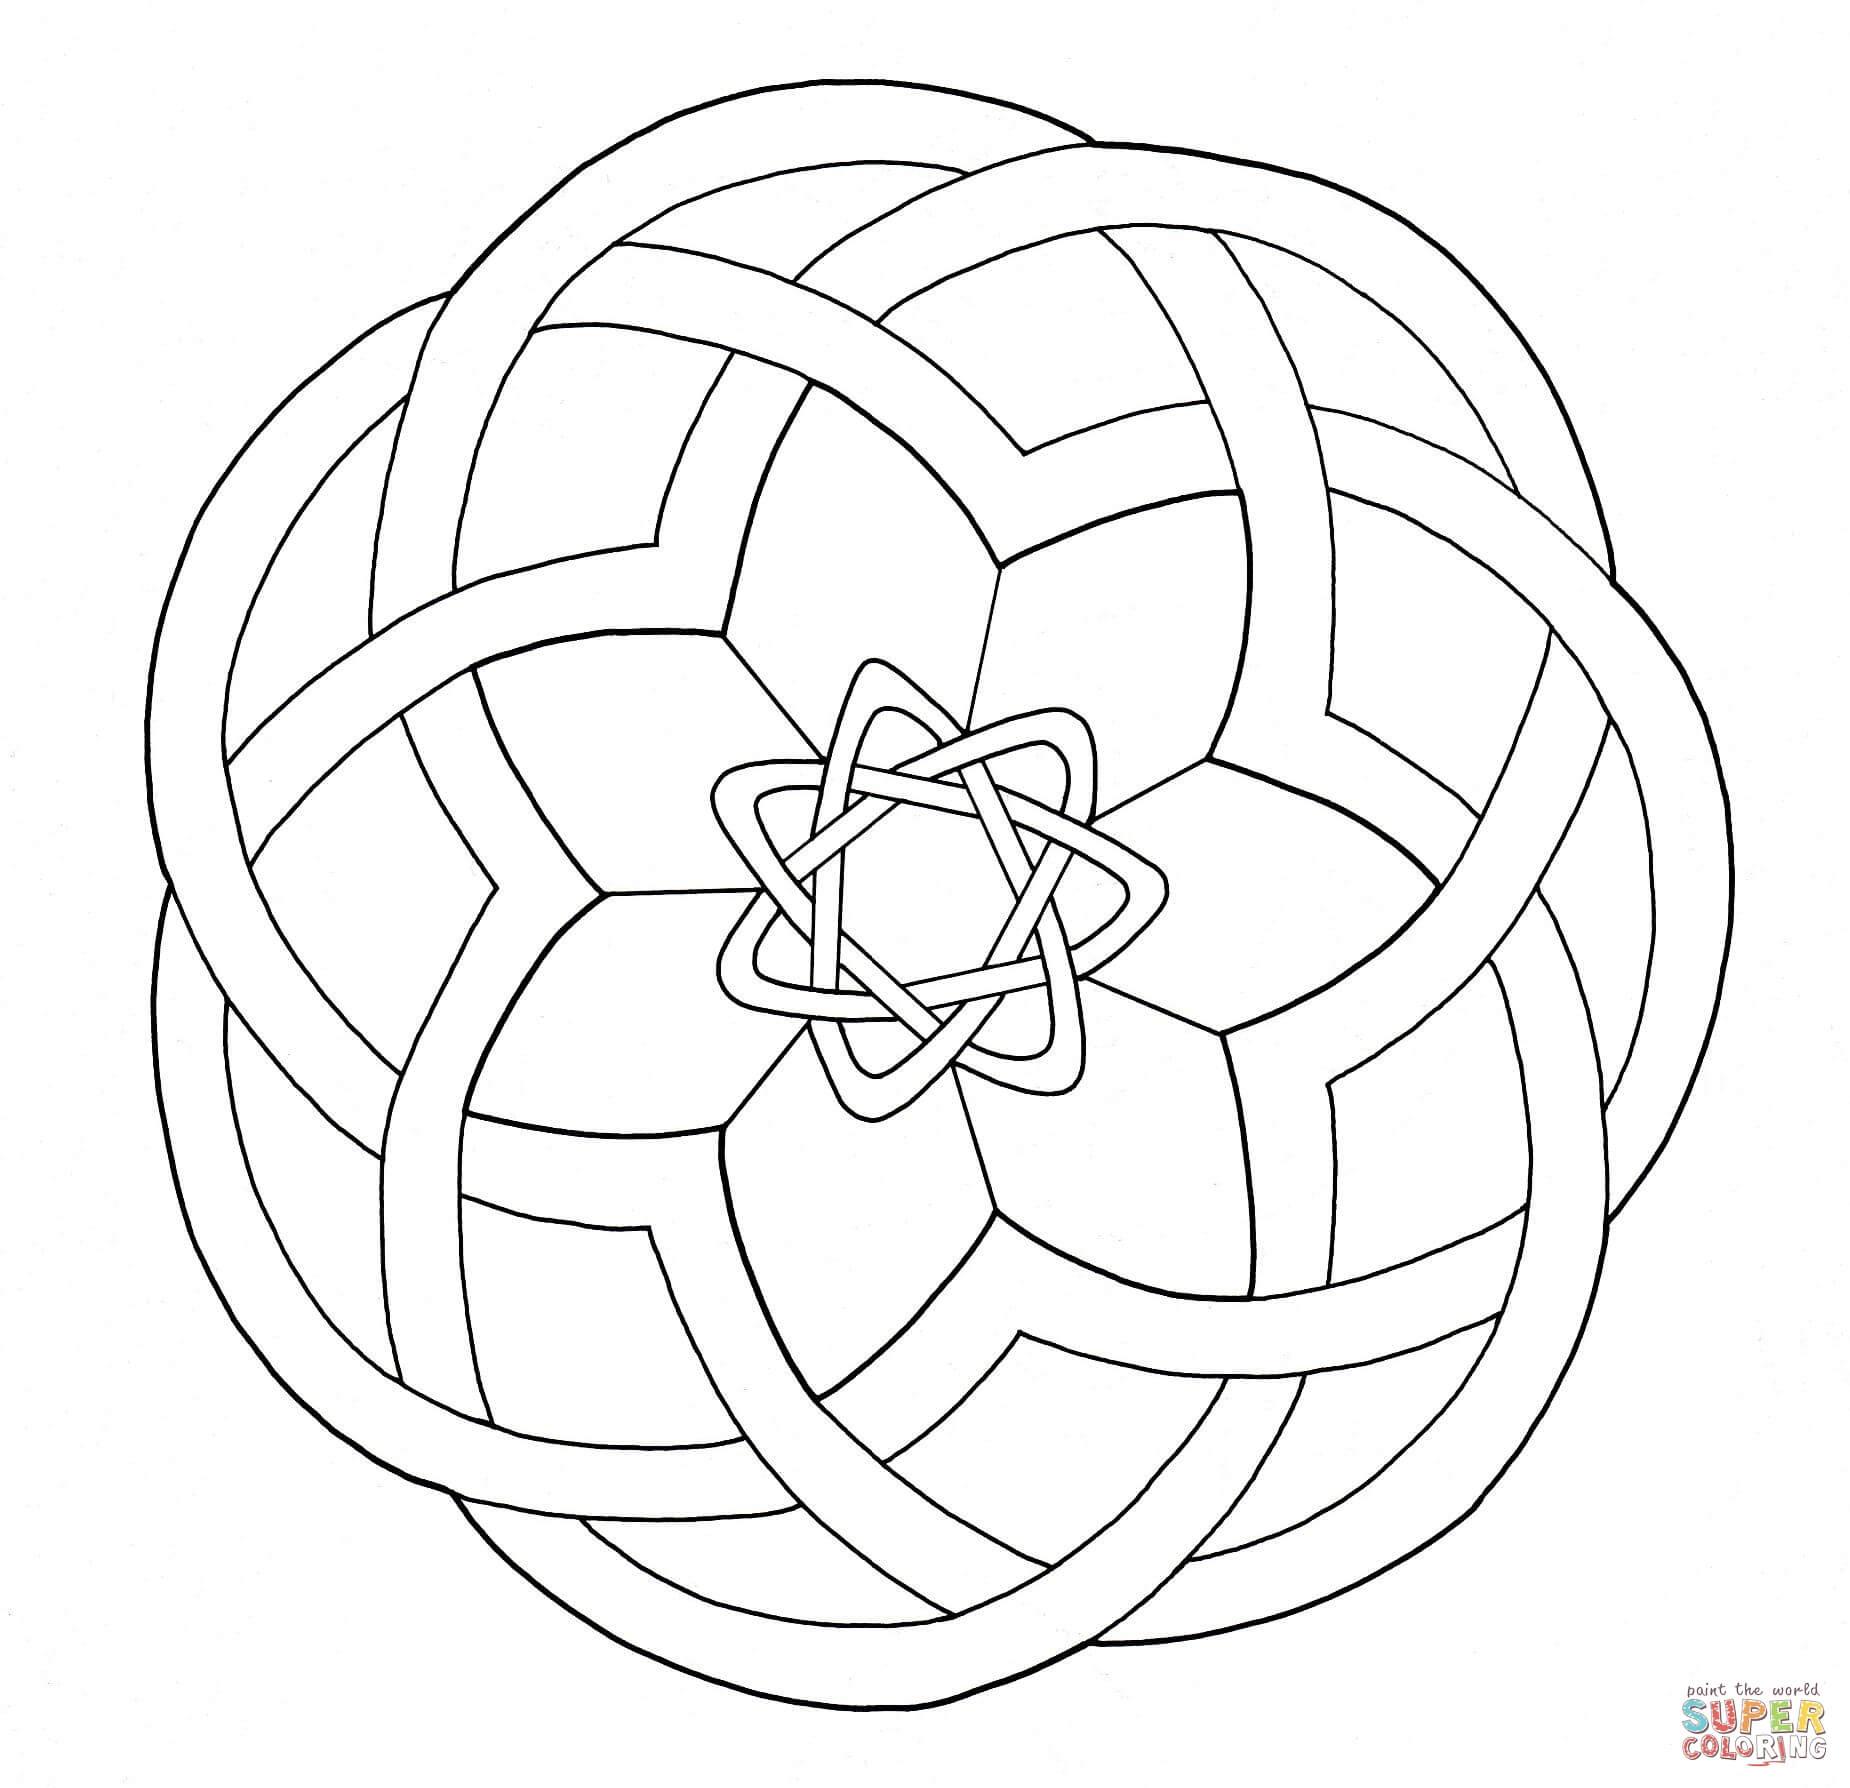 Design coloring #2, Download drawings